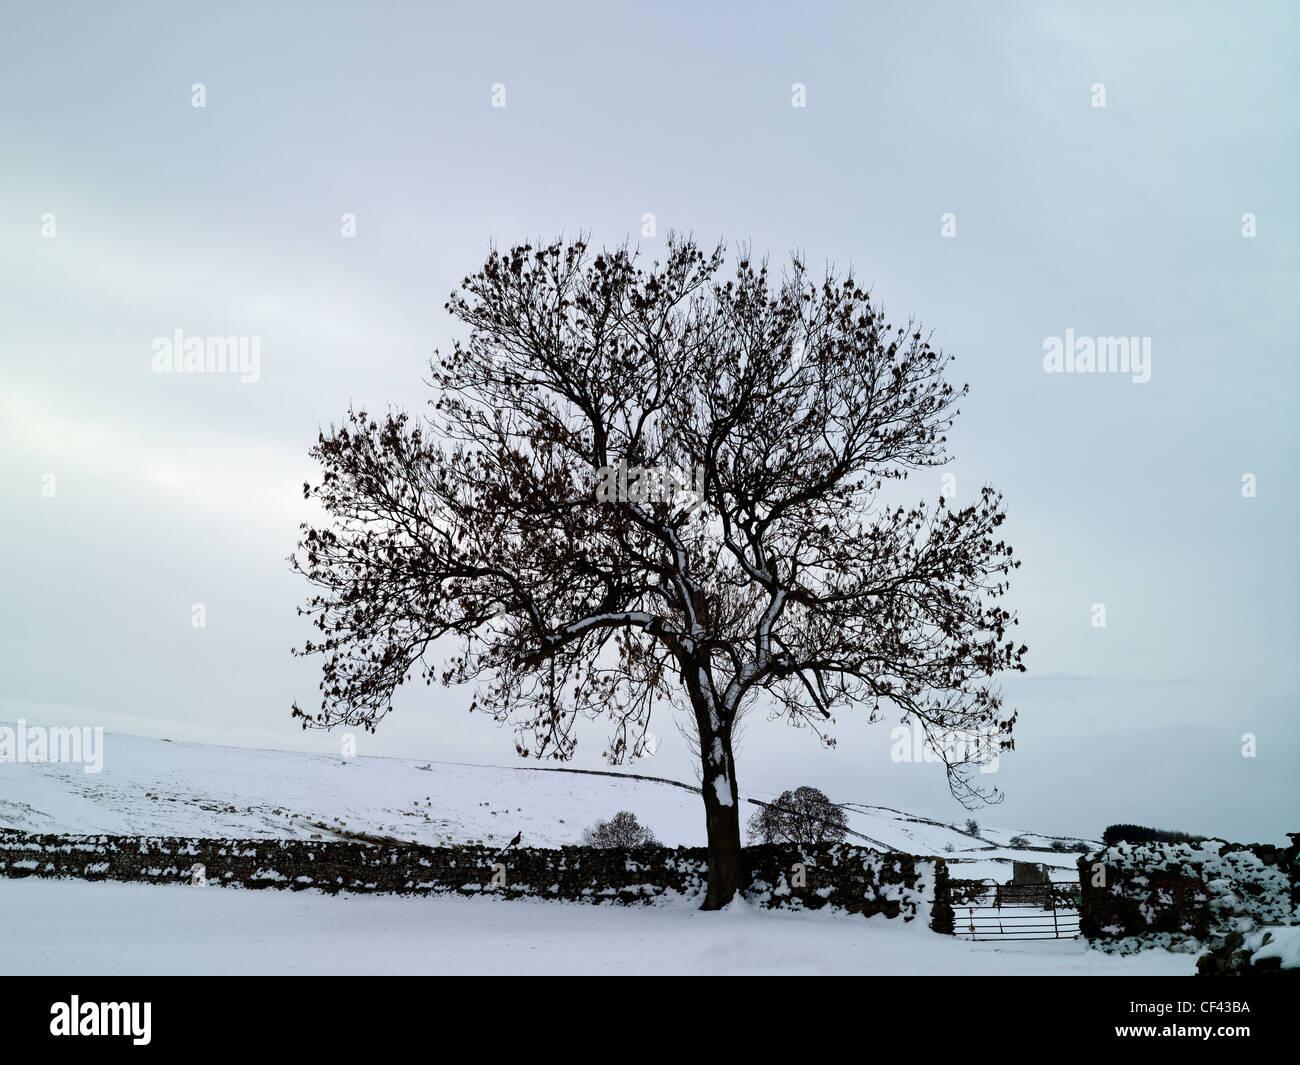 La nieve cubre el suelo de un árbol y pared drystone tradicionales en un rincón remoto de los valles de Imagen De Stock